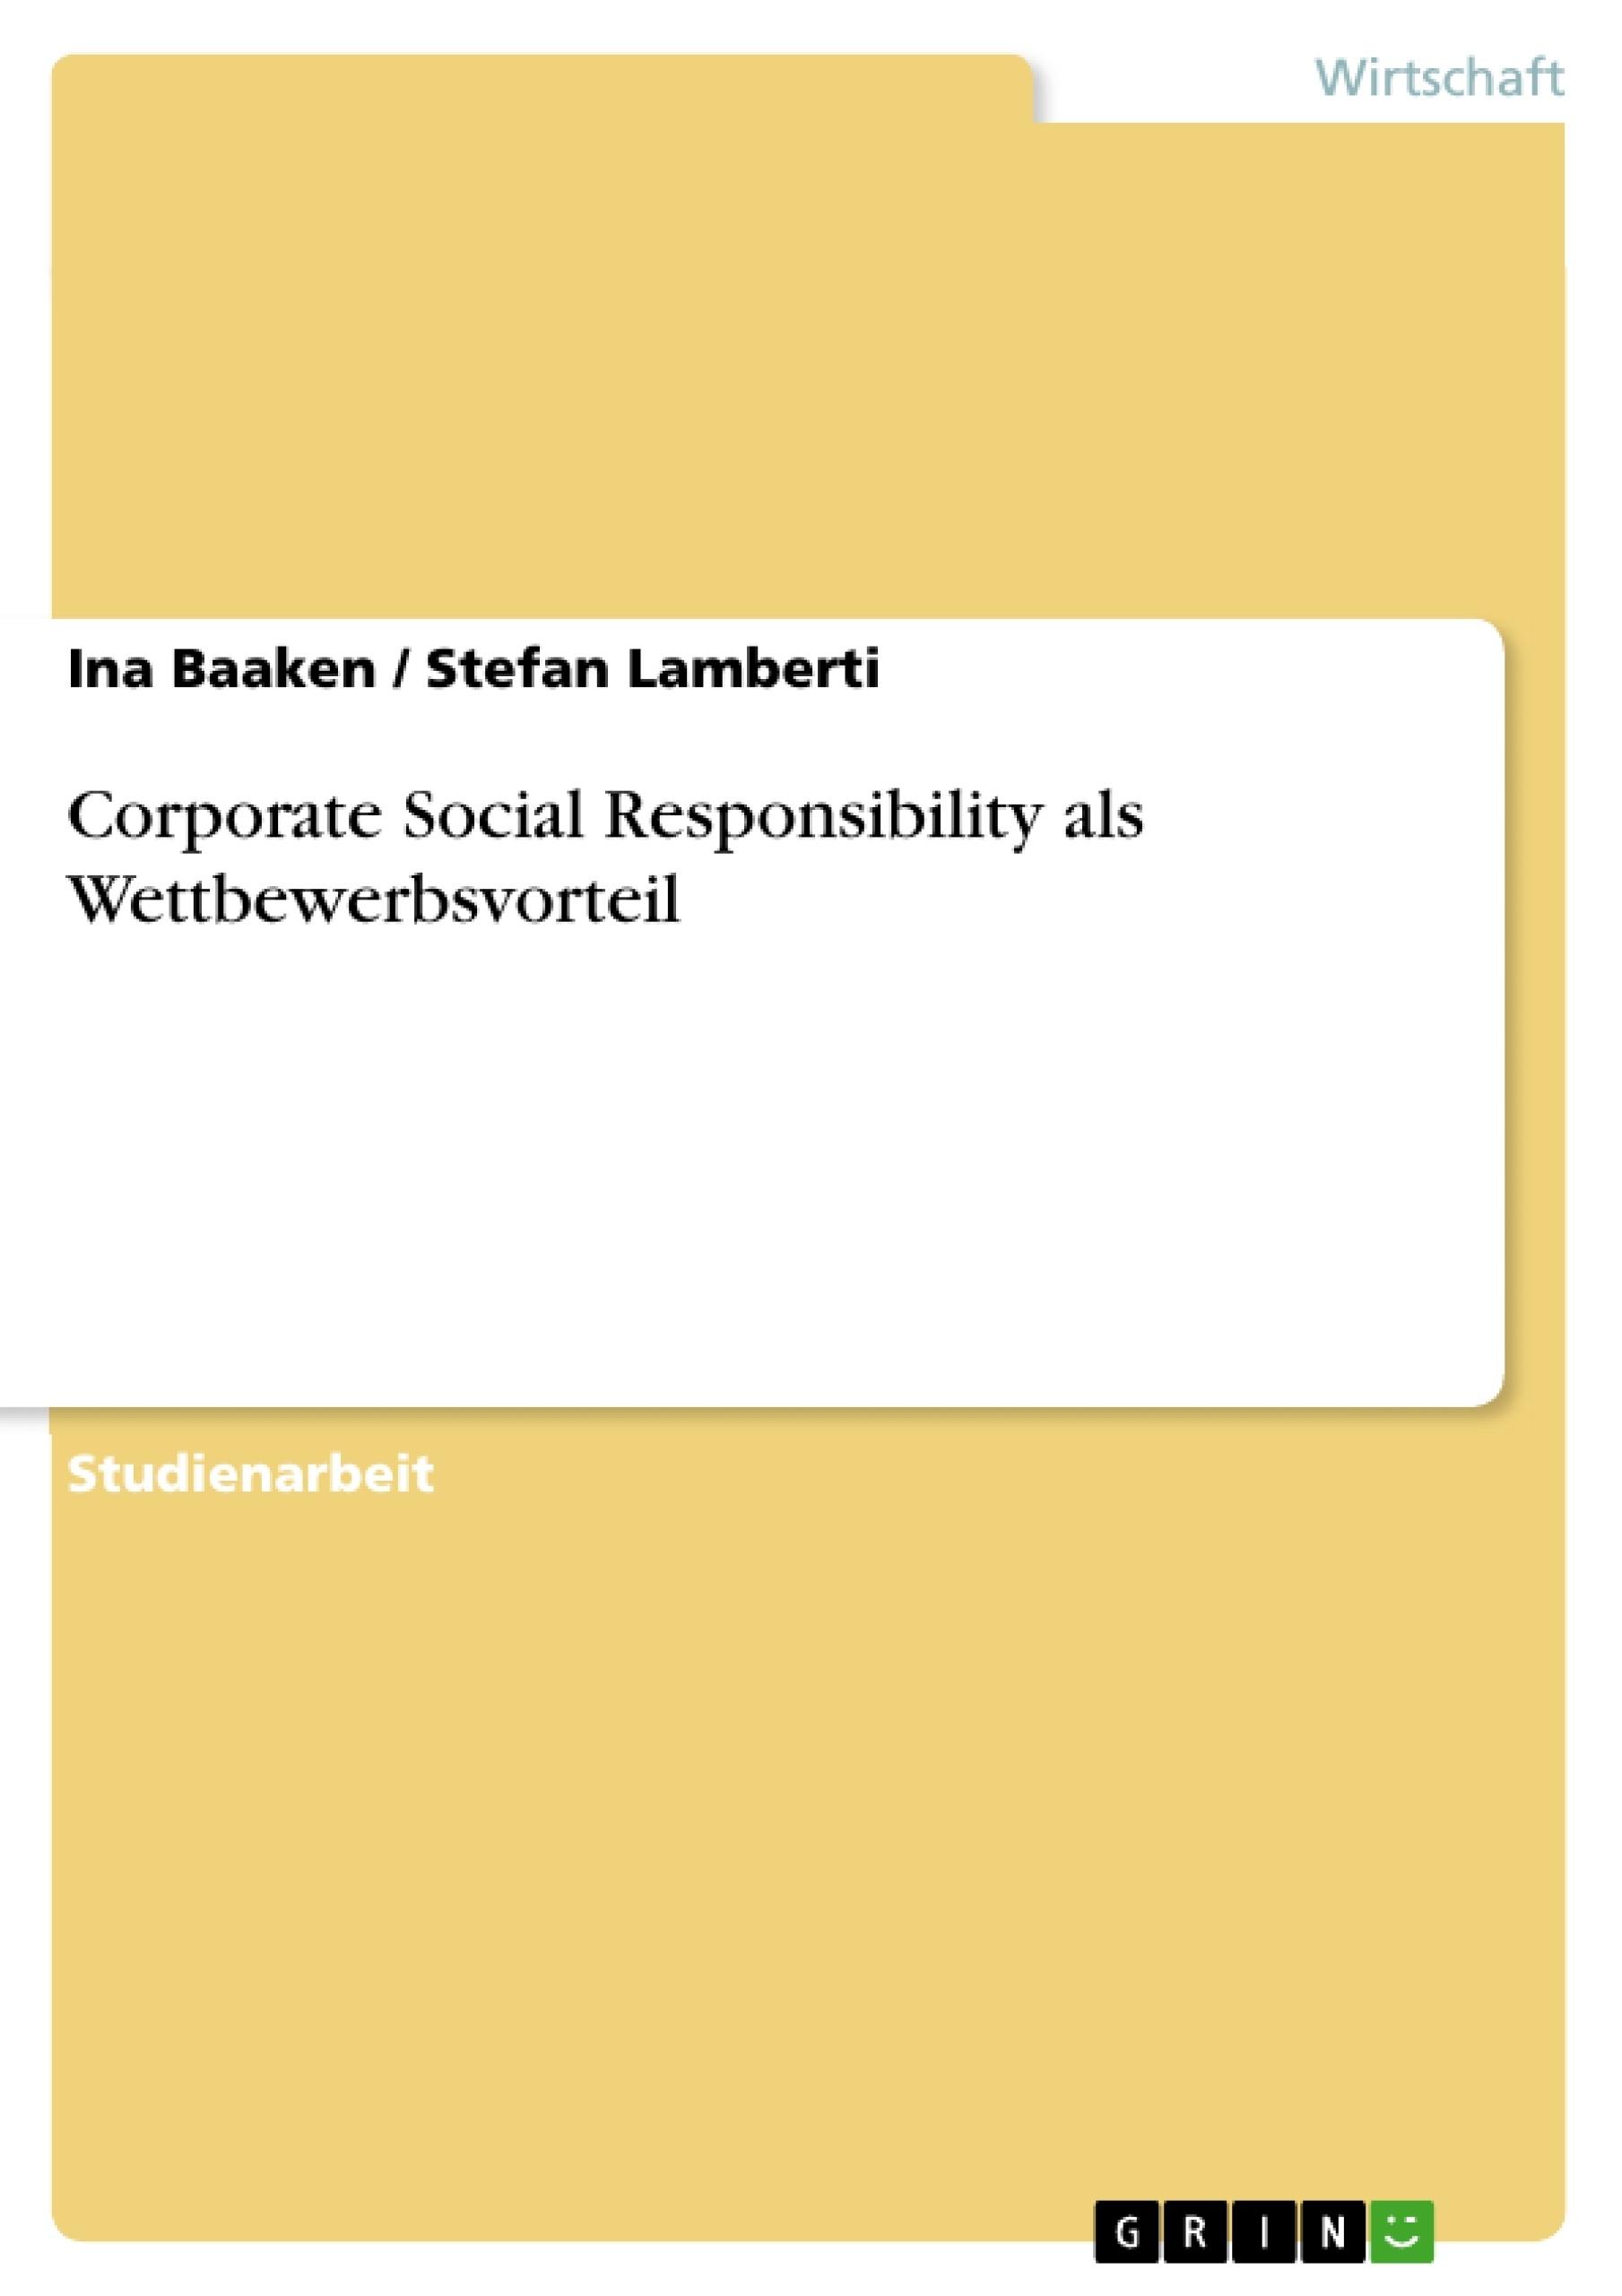 Titel: Corporate Social Responsibility als Wettbewerbsvorteil